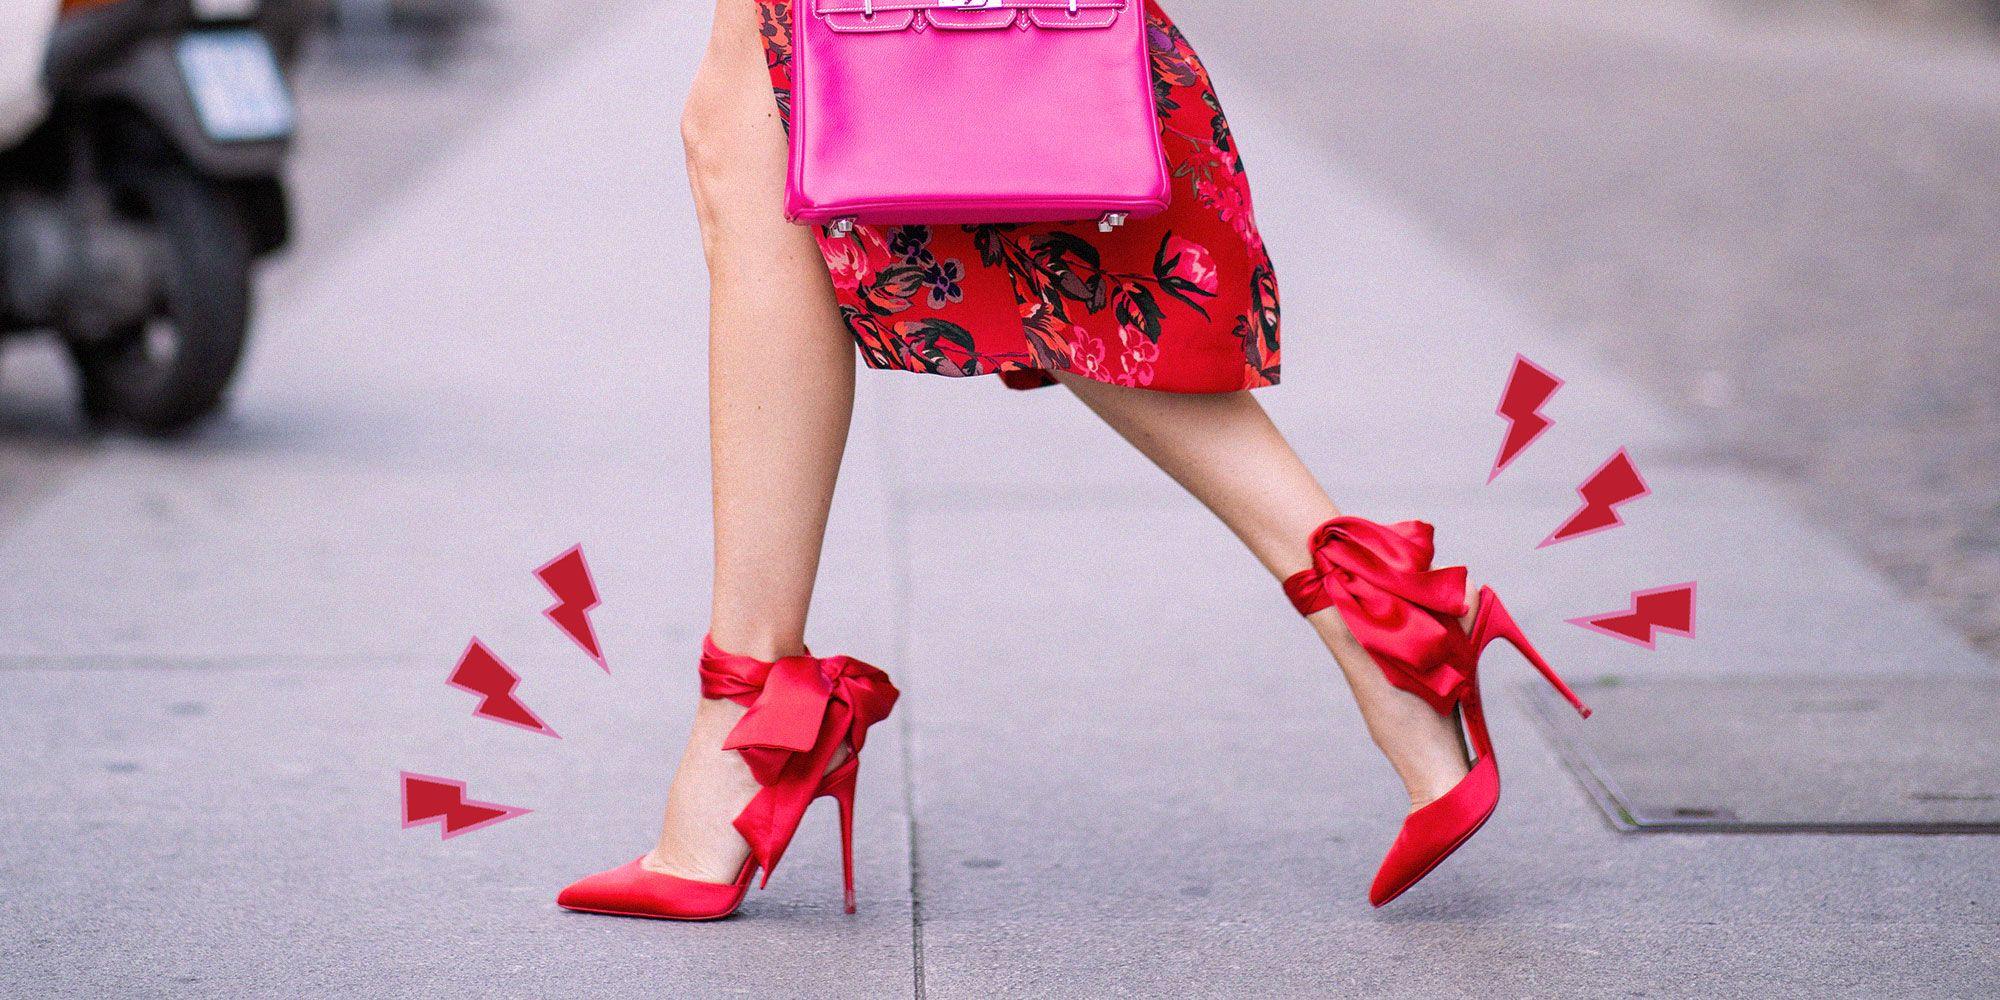 Tacco dodici o stivali? Dimmi che scarpa scegli e ti dirò